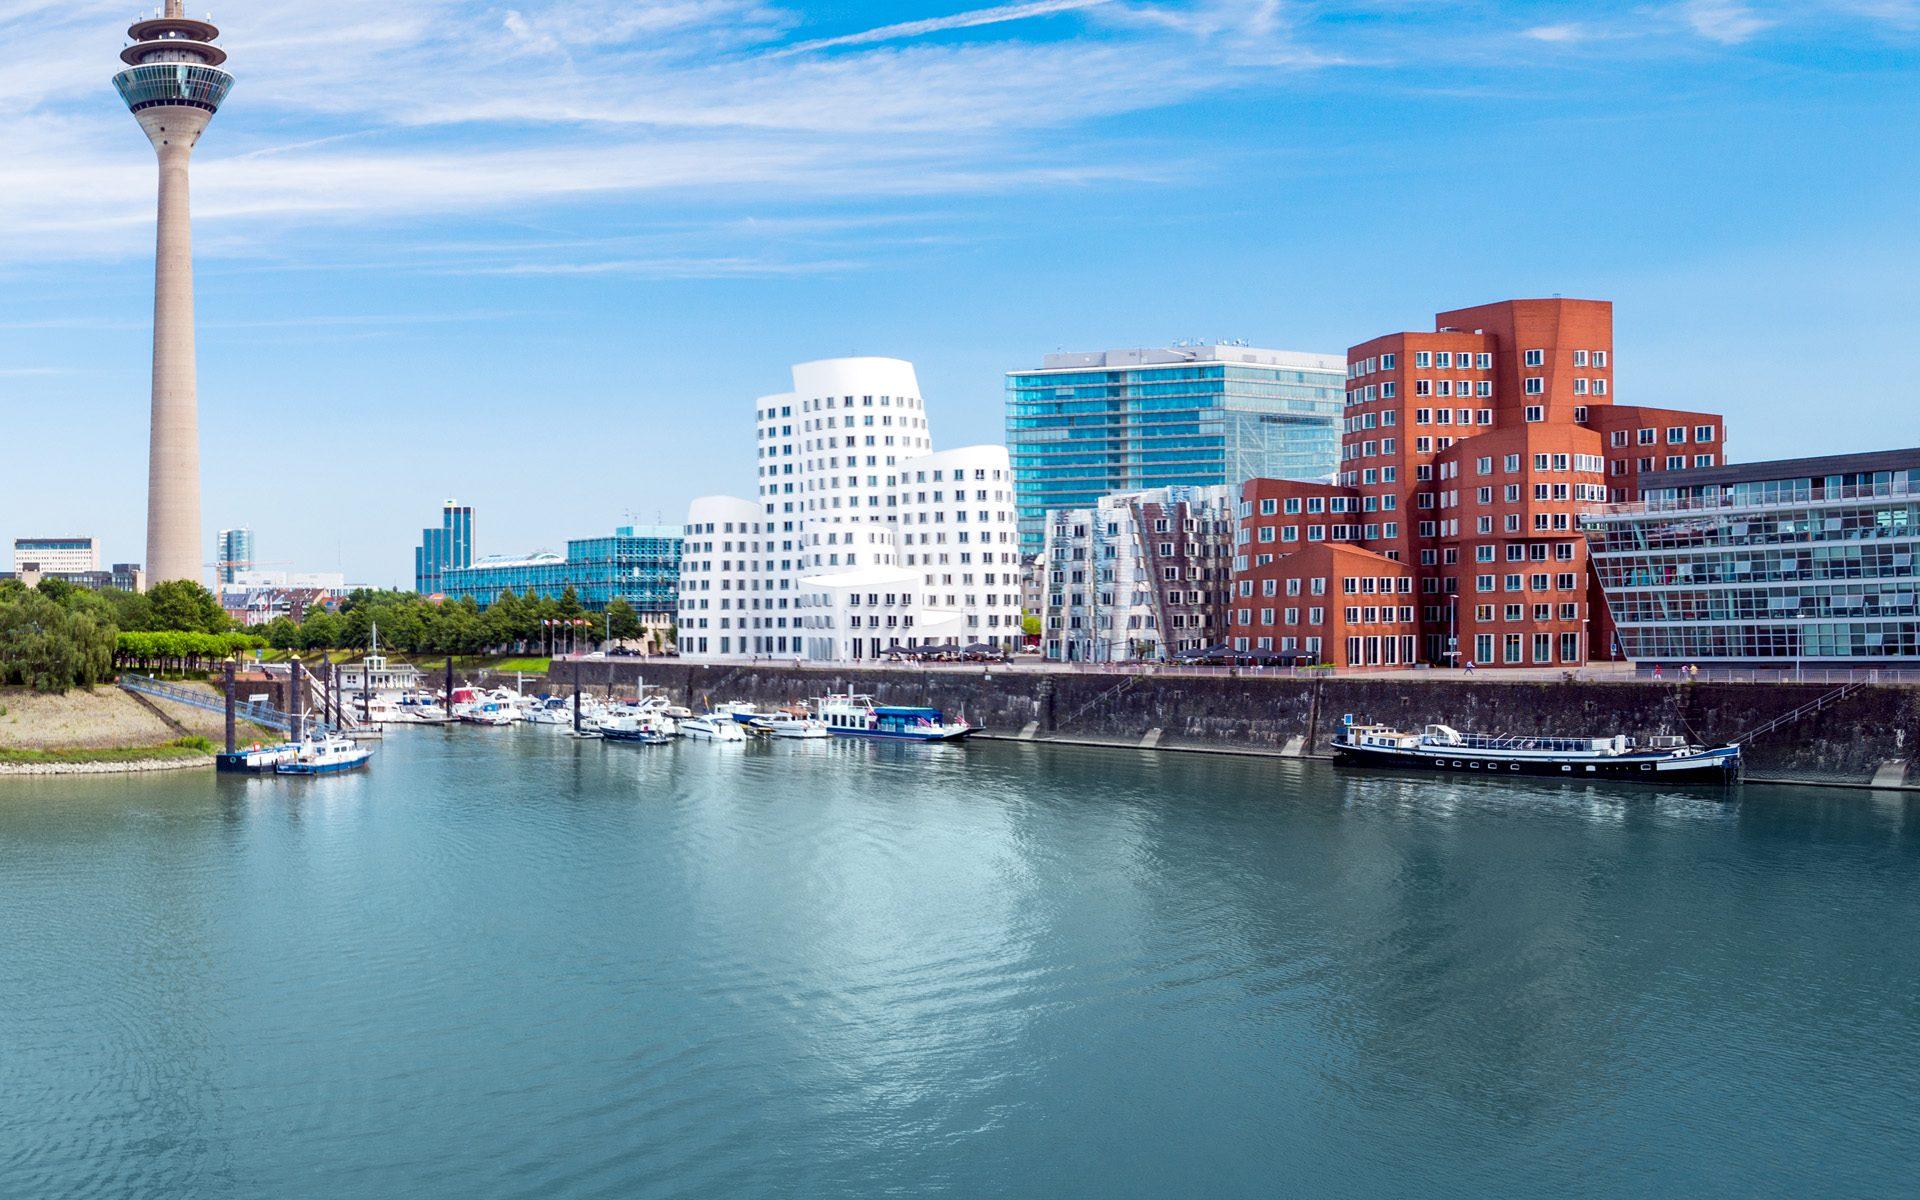 Heinrich-Heine Universität – Düsseldorf, Germany – #DMUglobal